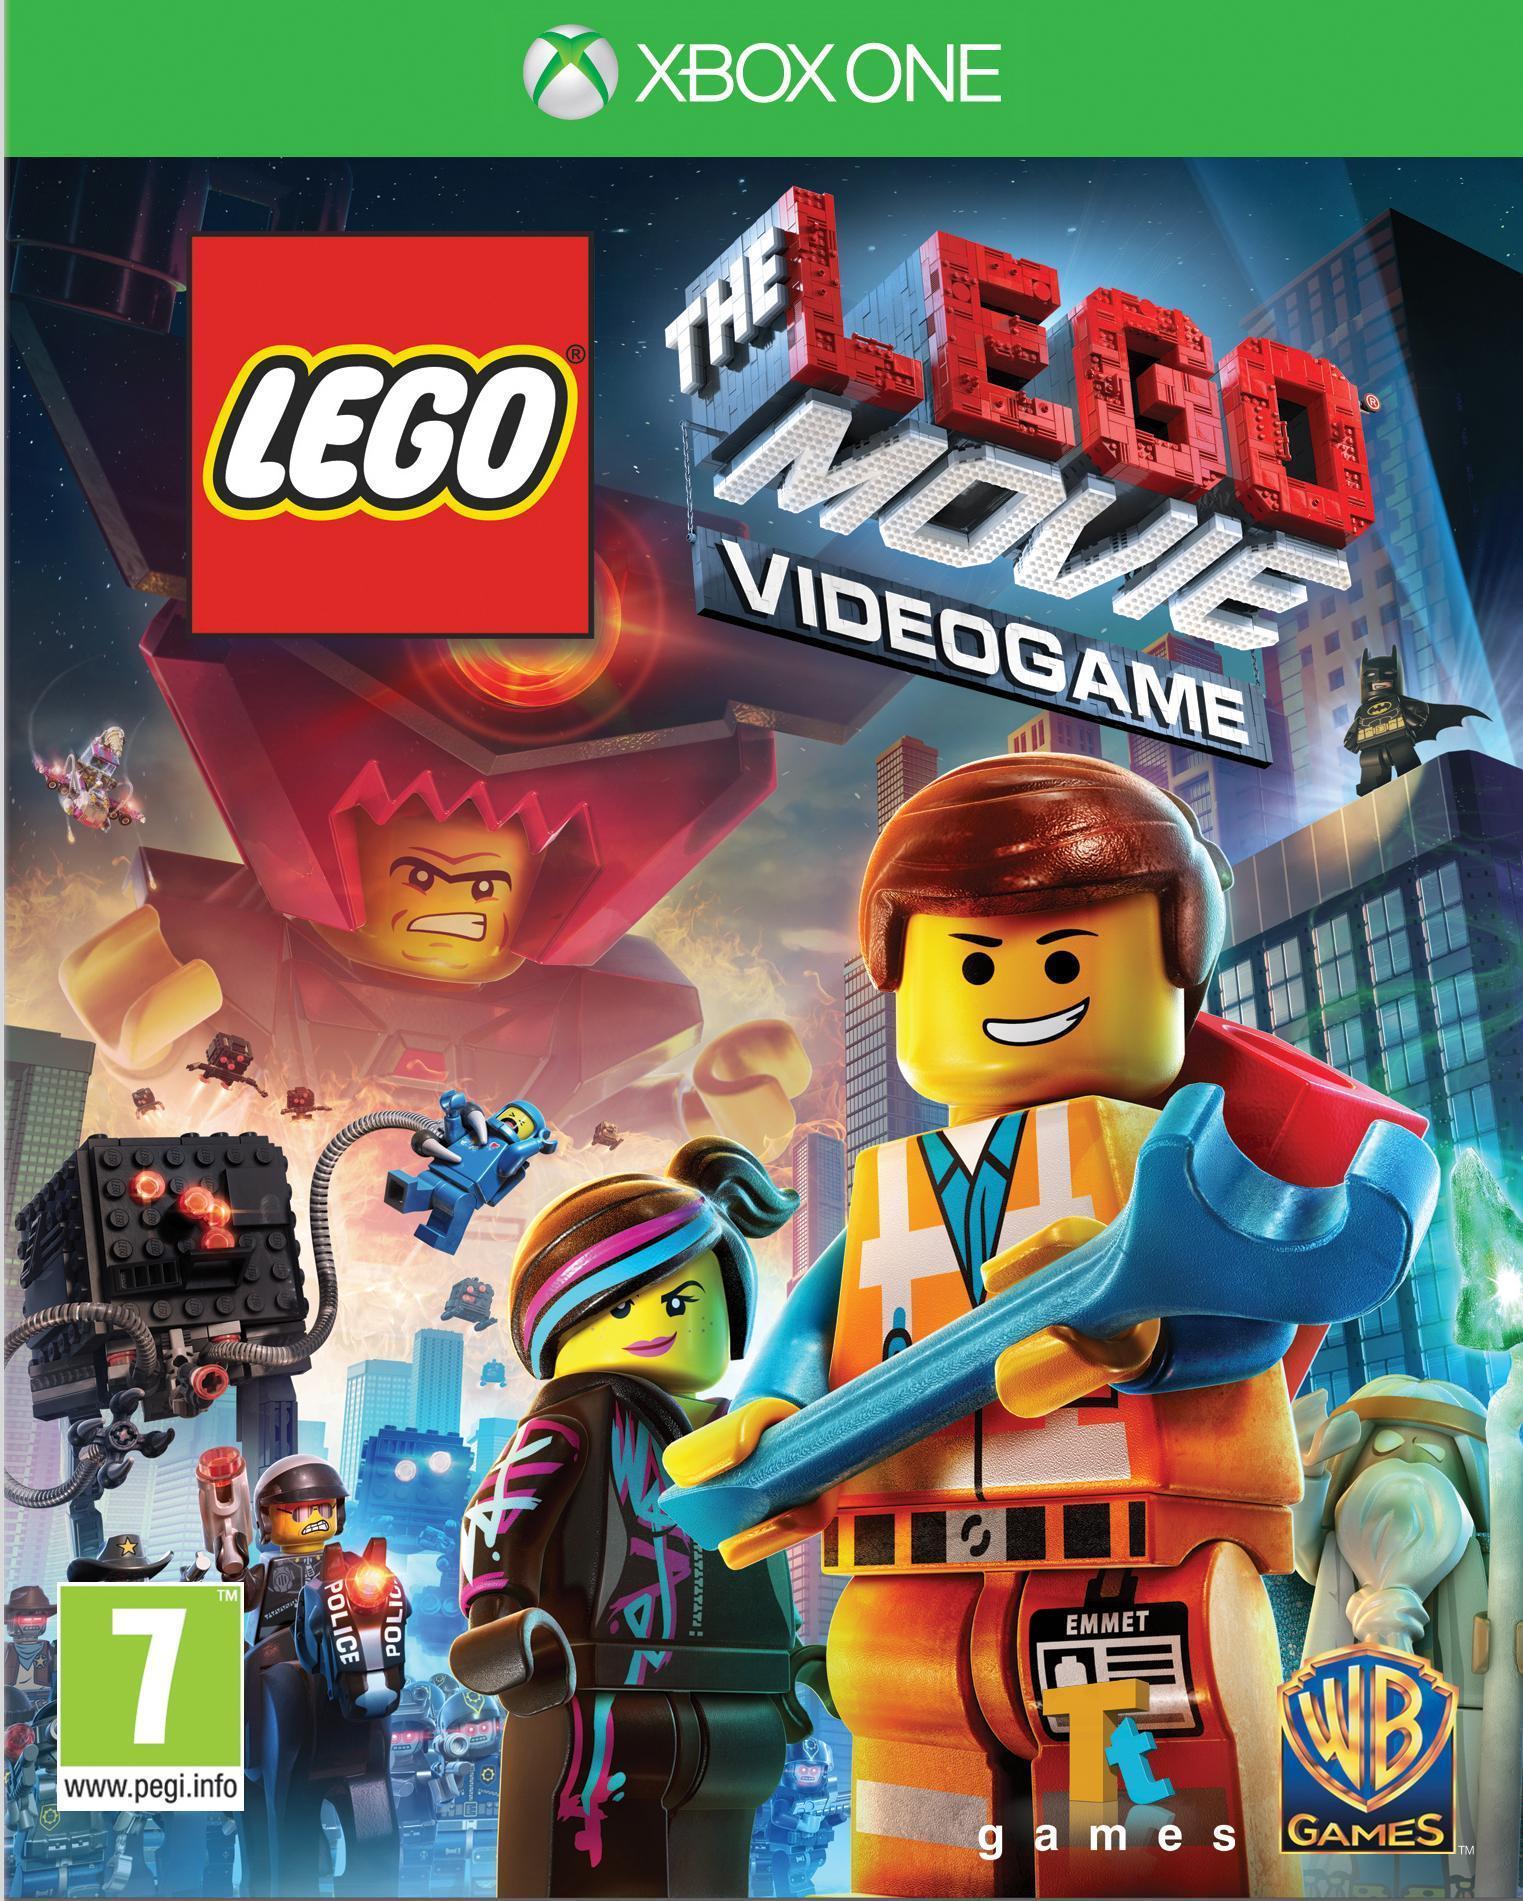 Mindscape LEGO Movie Xbox One (1000452181) thumbnail